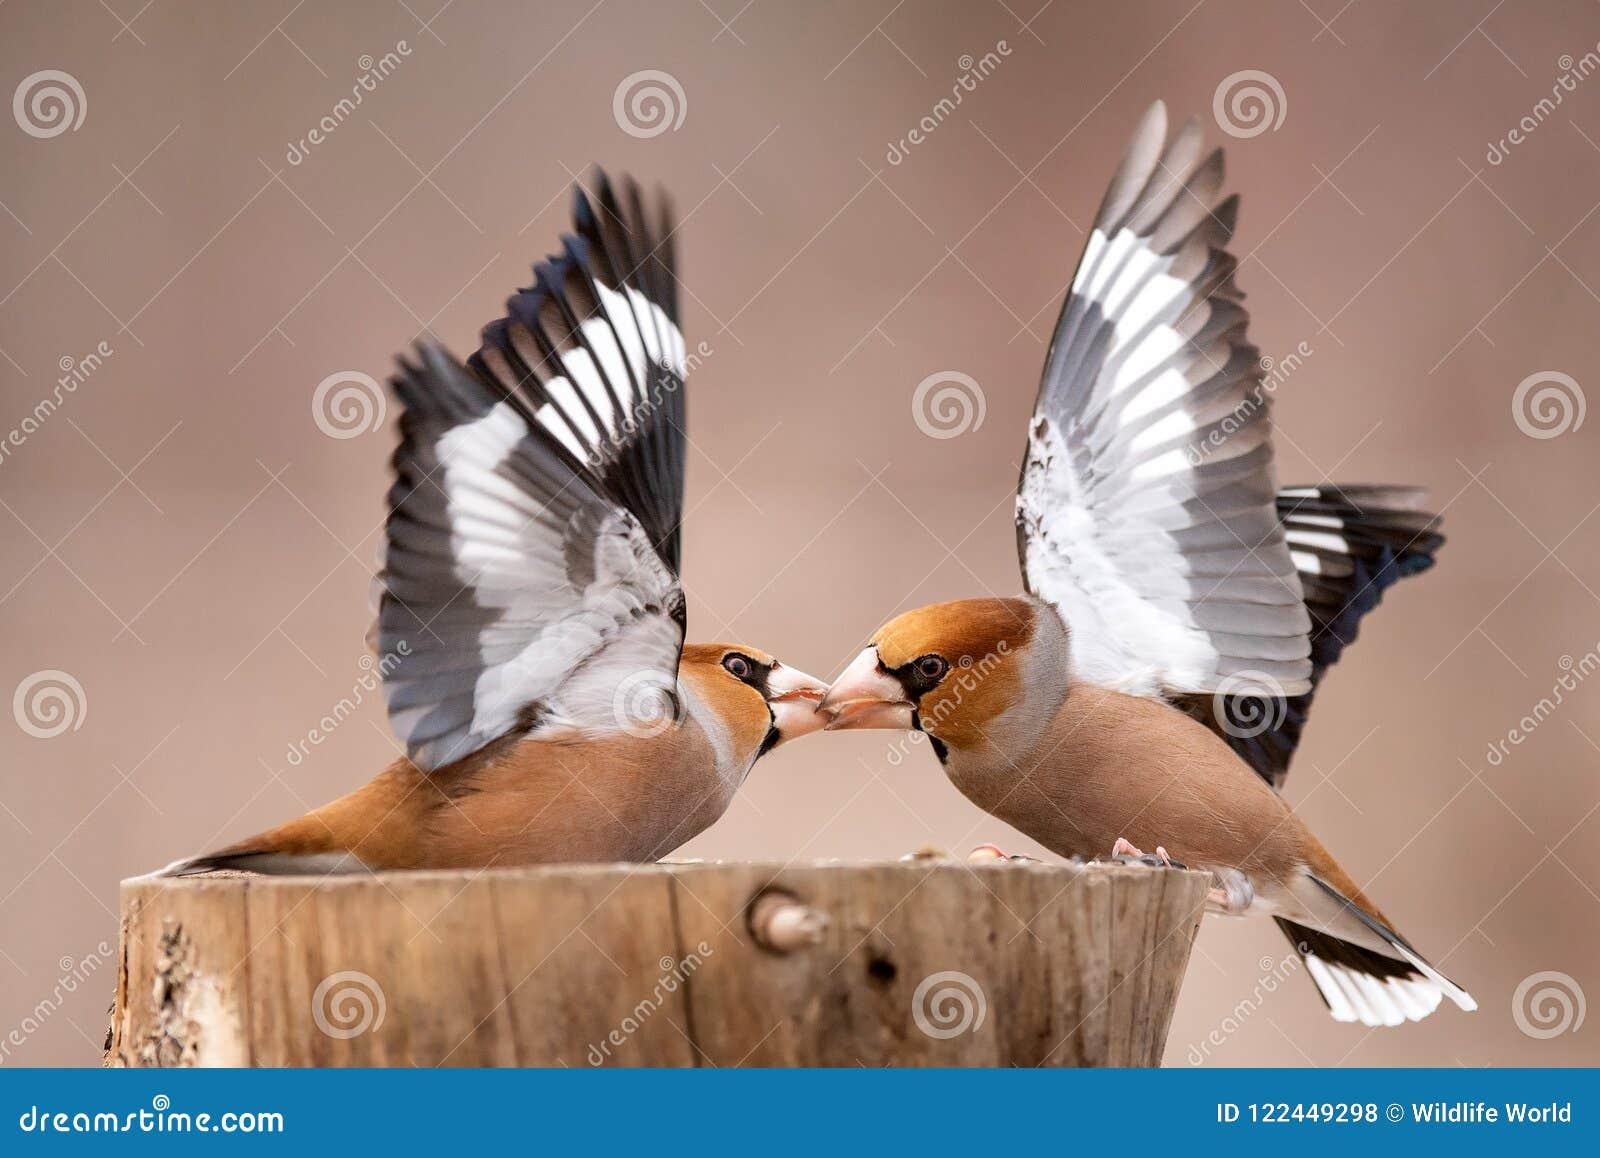 蜡嘴鸟球脆霉素在饲养者的球脆霉素战斗